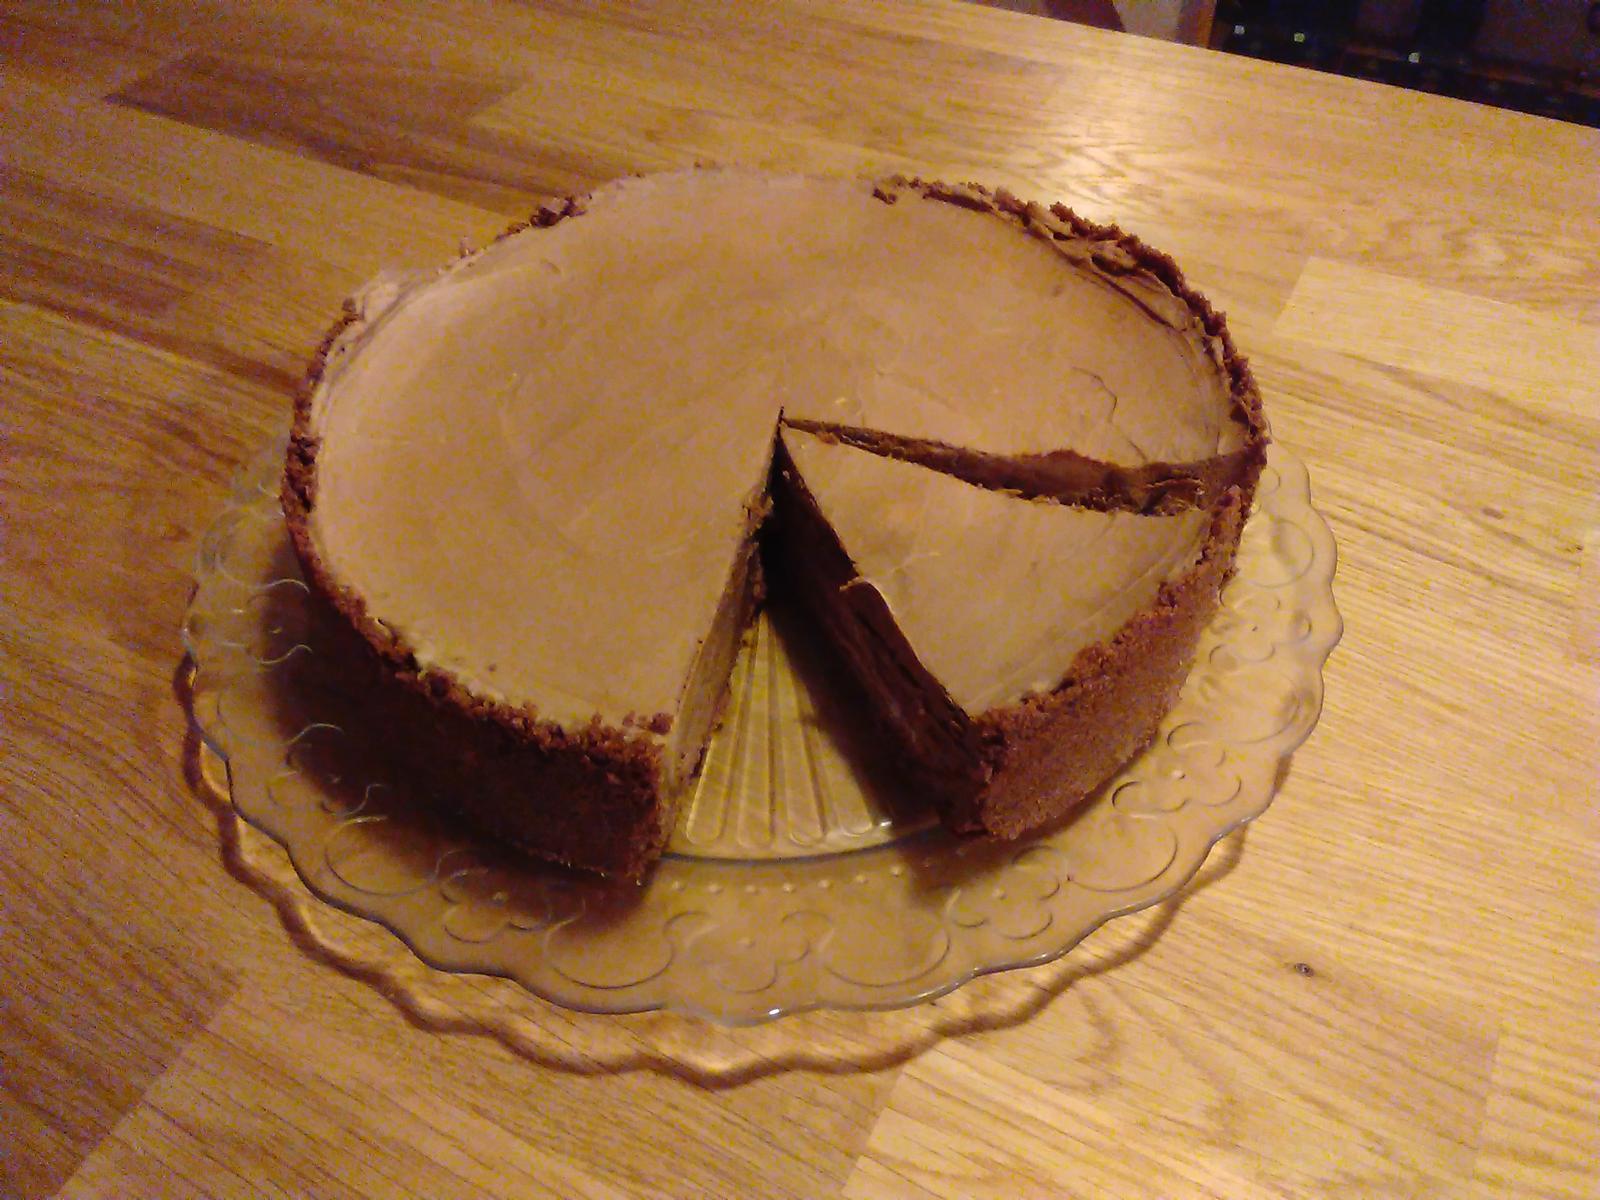 Sladký podzim v mojí kavárně - Cheese cake plný hořko- mléčné čokolády